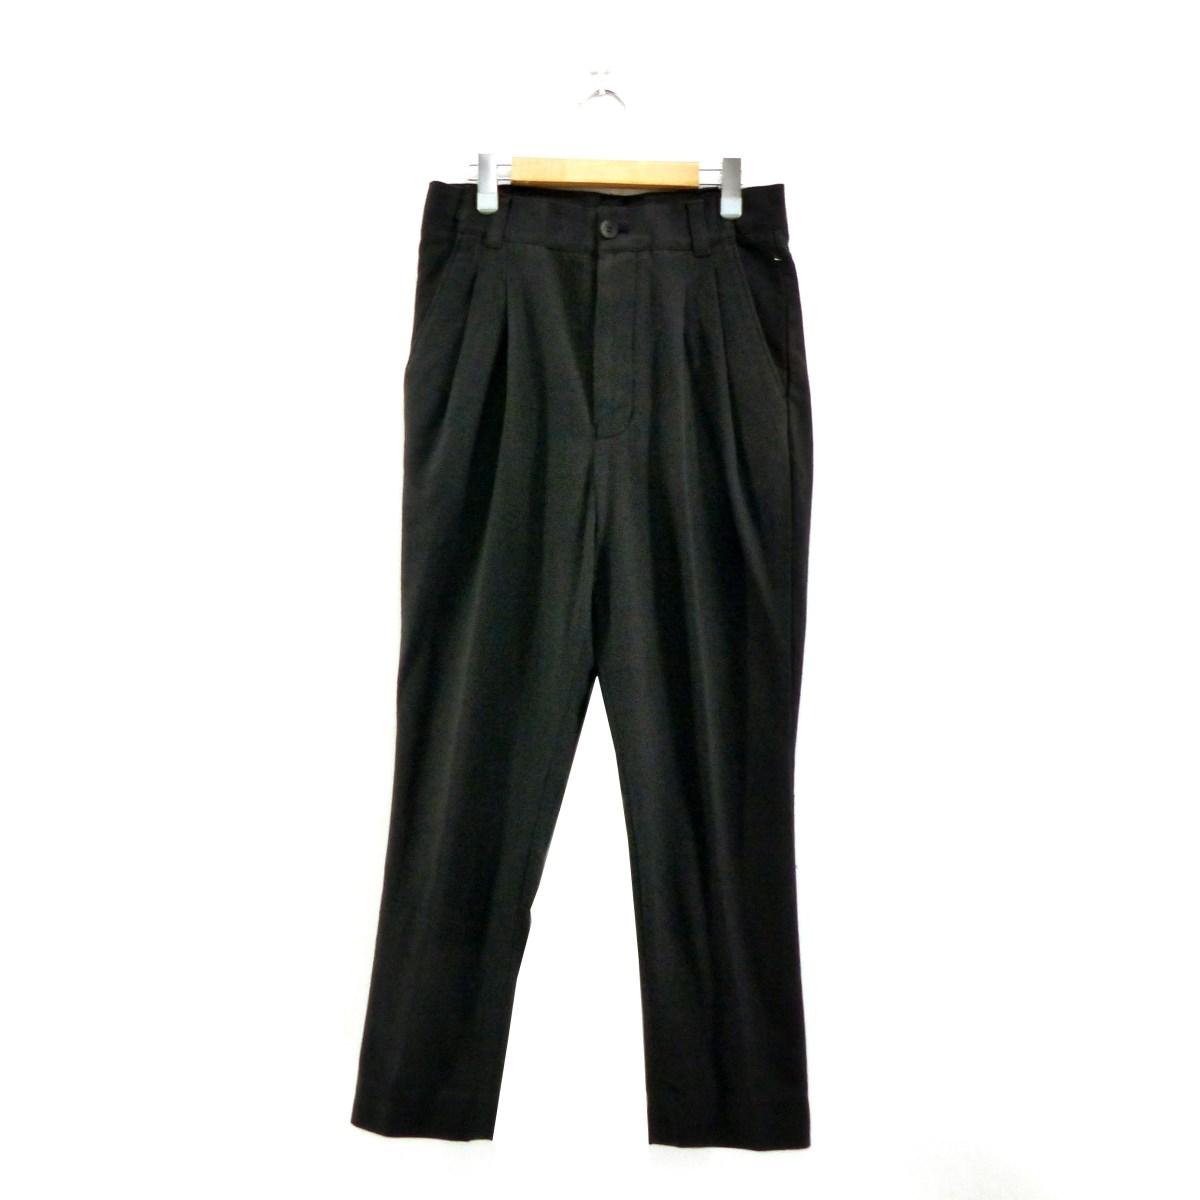 【中古】BED J.W. FORD シルク混パンツ ブラック サイズ:0 【281019】(ベッドフォード)